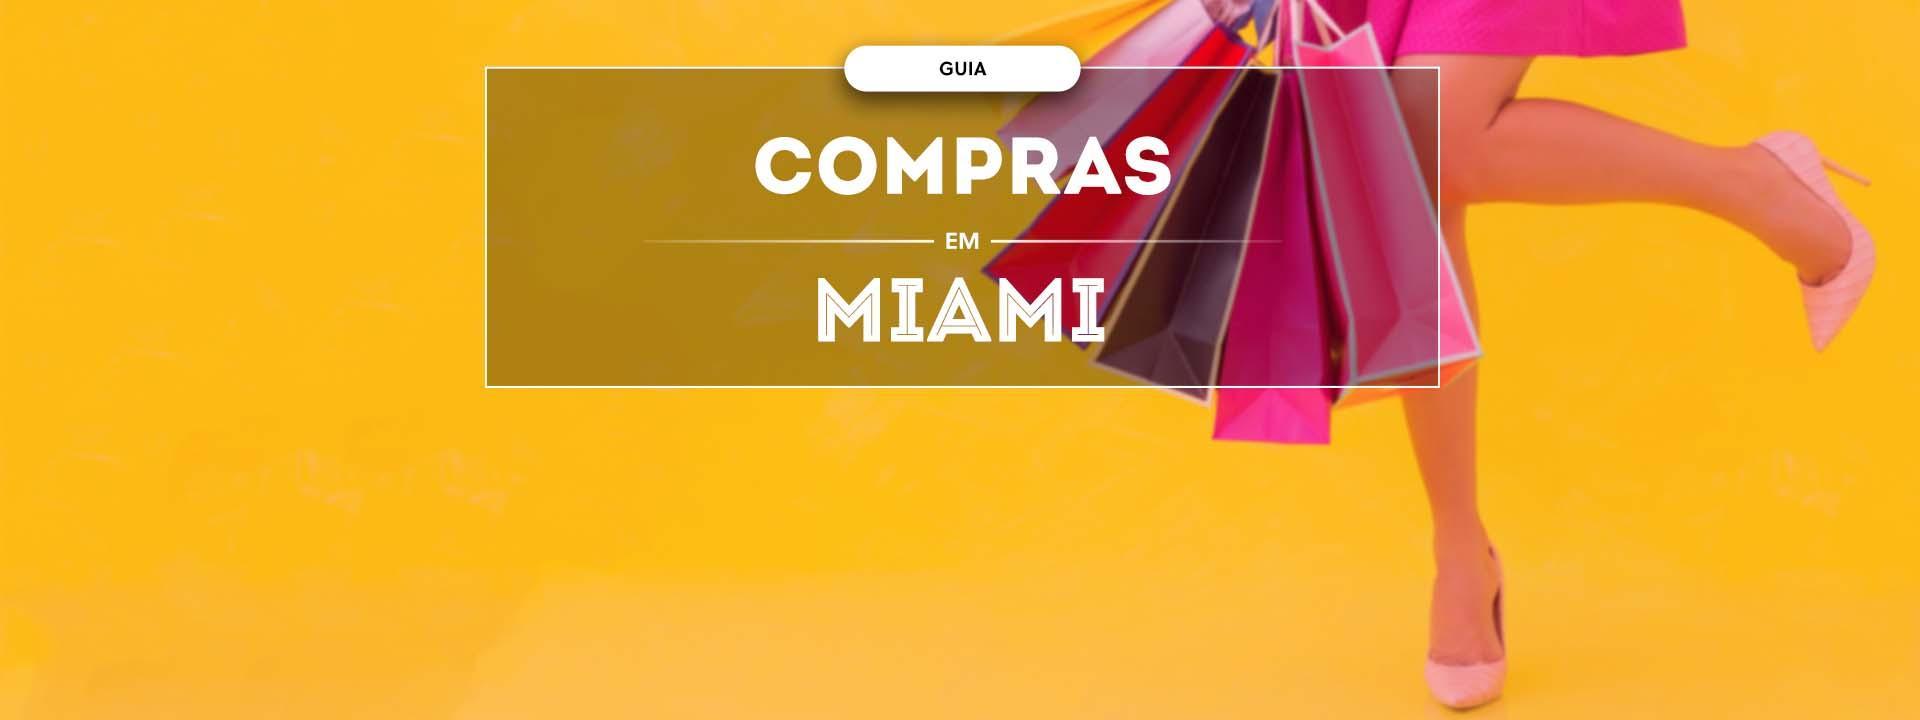 48906cc90 ᐅᐅ Guia de compras em Miami - 2019 - Outlets, Shoppings & Descontos